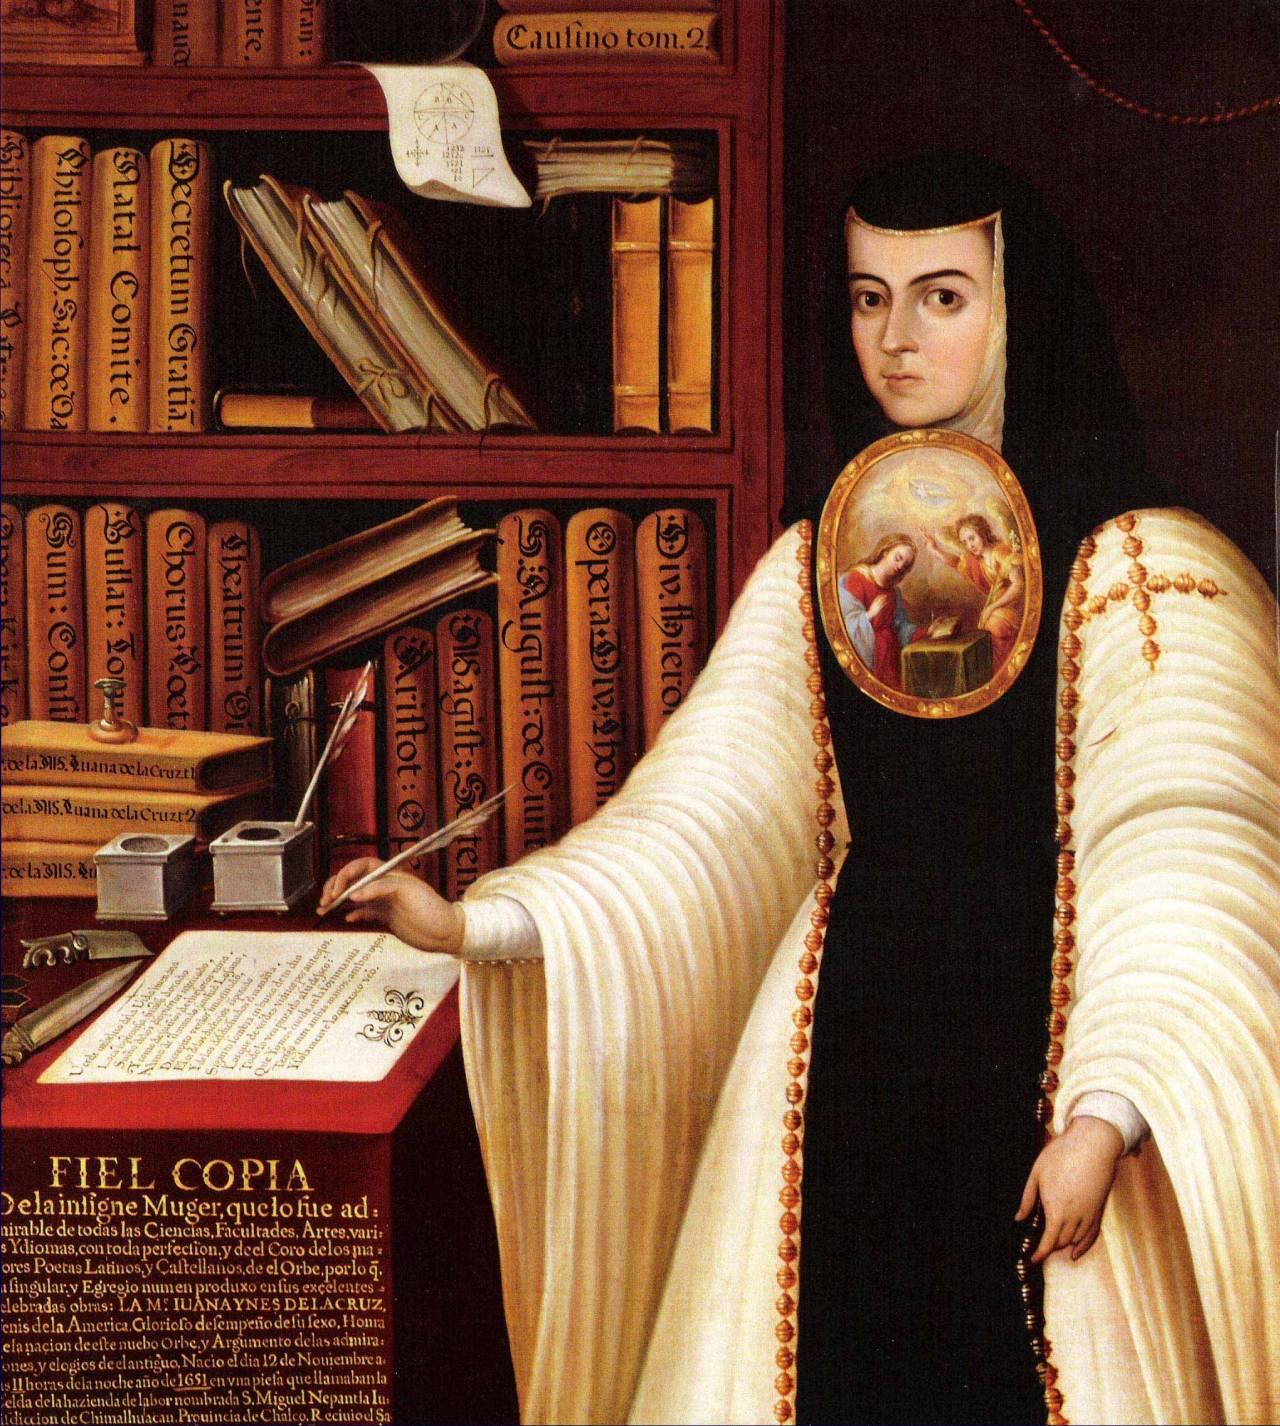 Sor Juana Inés de la Cruz y Asbaje * 1651 1695 * La nueva España (Méjico) * Continente Americano Juana Inés de Asbaje y Ramírez de Santillana, más conocida como Sor Juana Inés de la Cruz (San Miguel Nepantla, 12 de noviembre de1651 - Ciudad de...